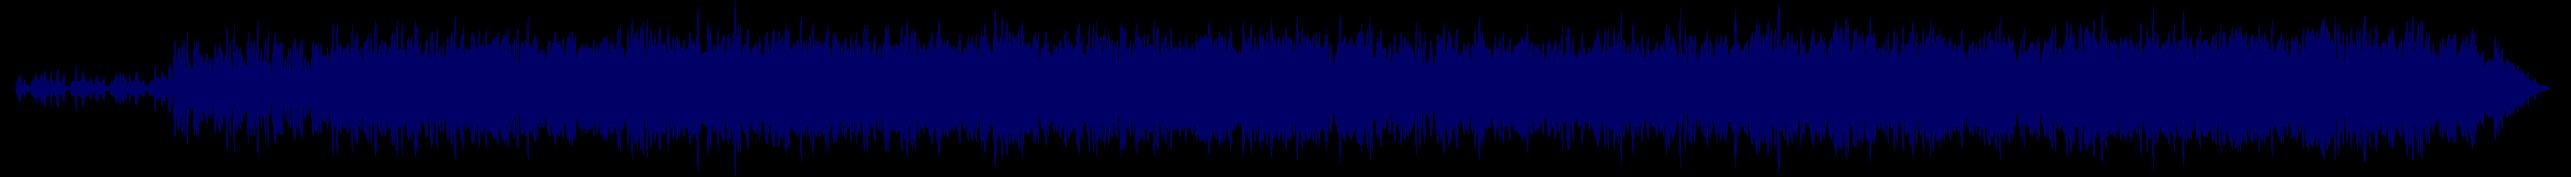 waveform of track #66245